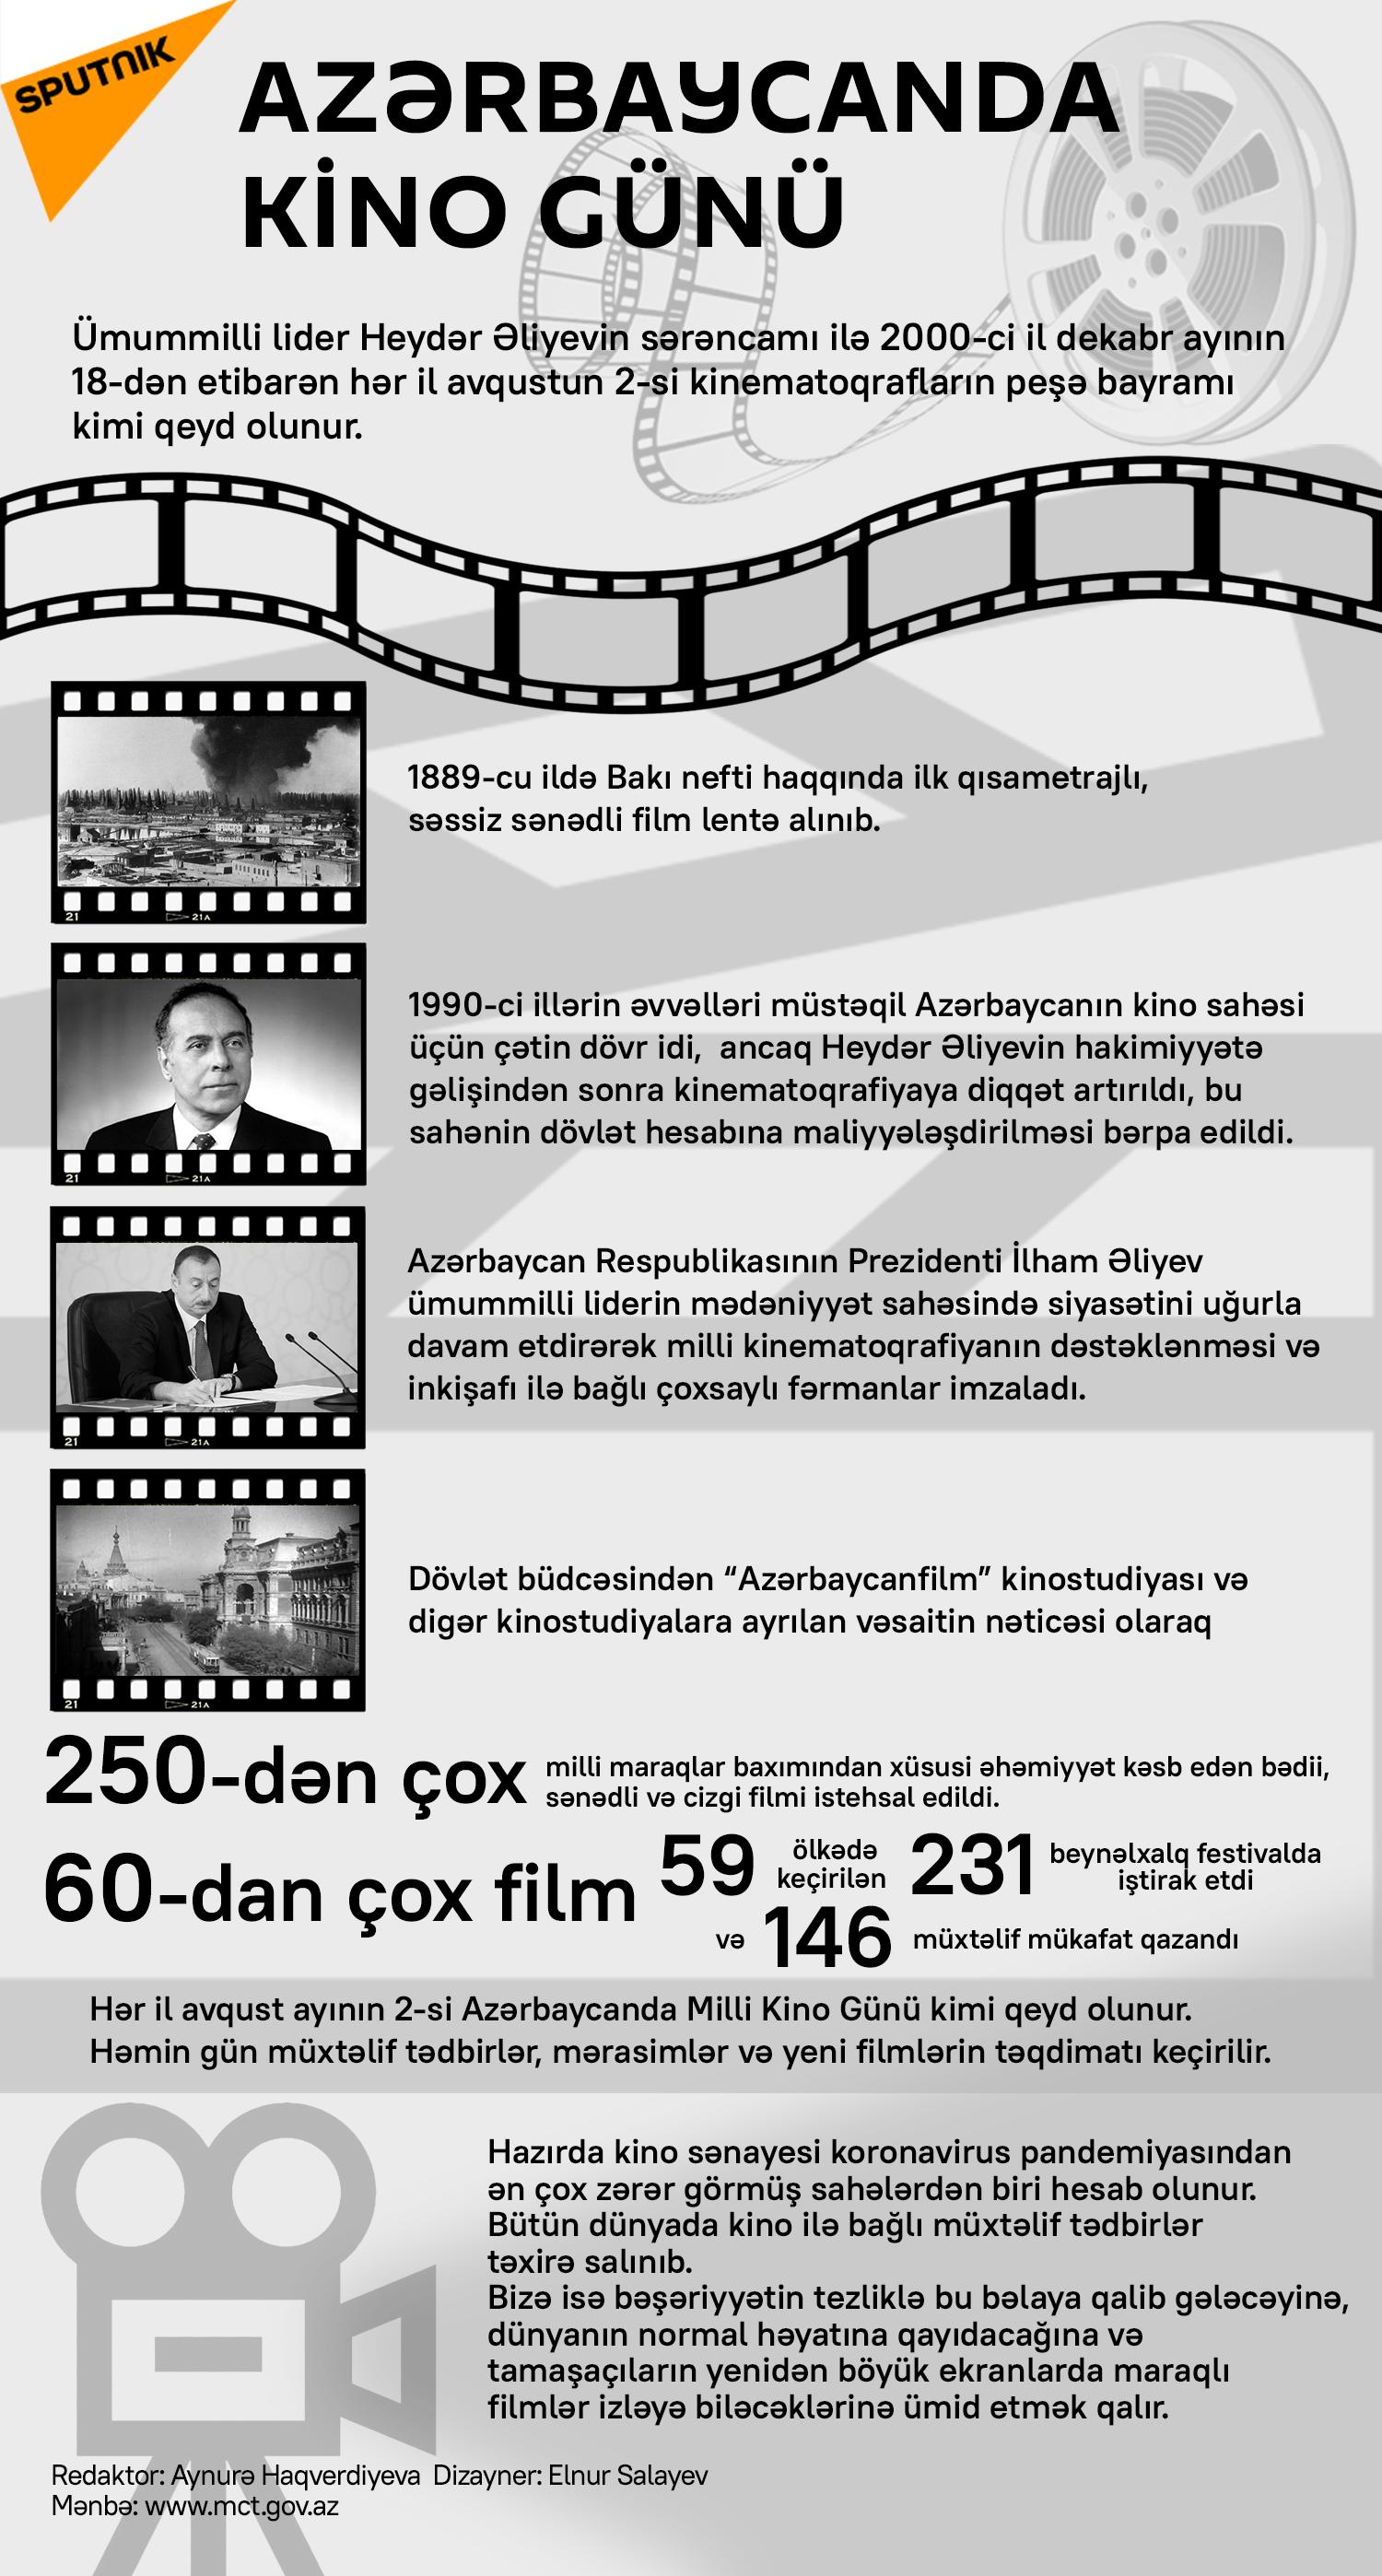 İnfoqrafika: Azərbaycanda kino günü - Sputnik Azərbaycan, 1920, 02.08.2021